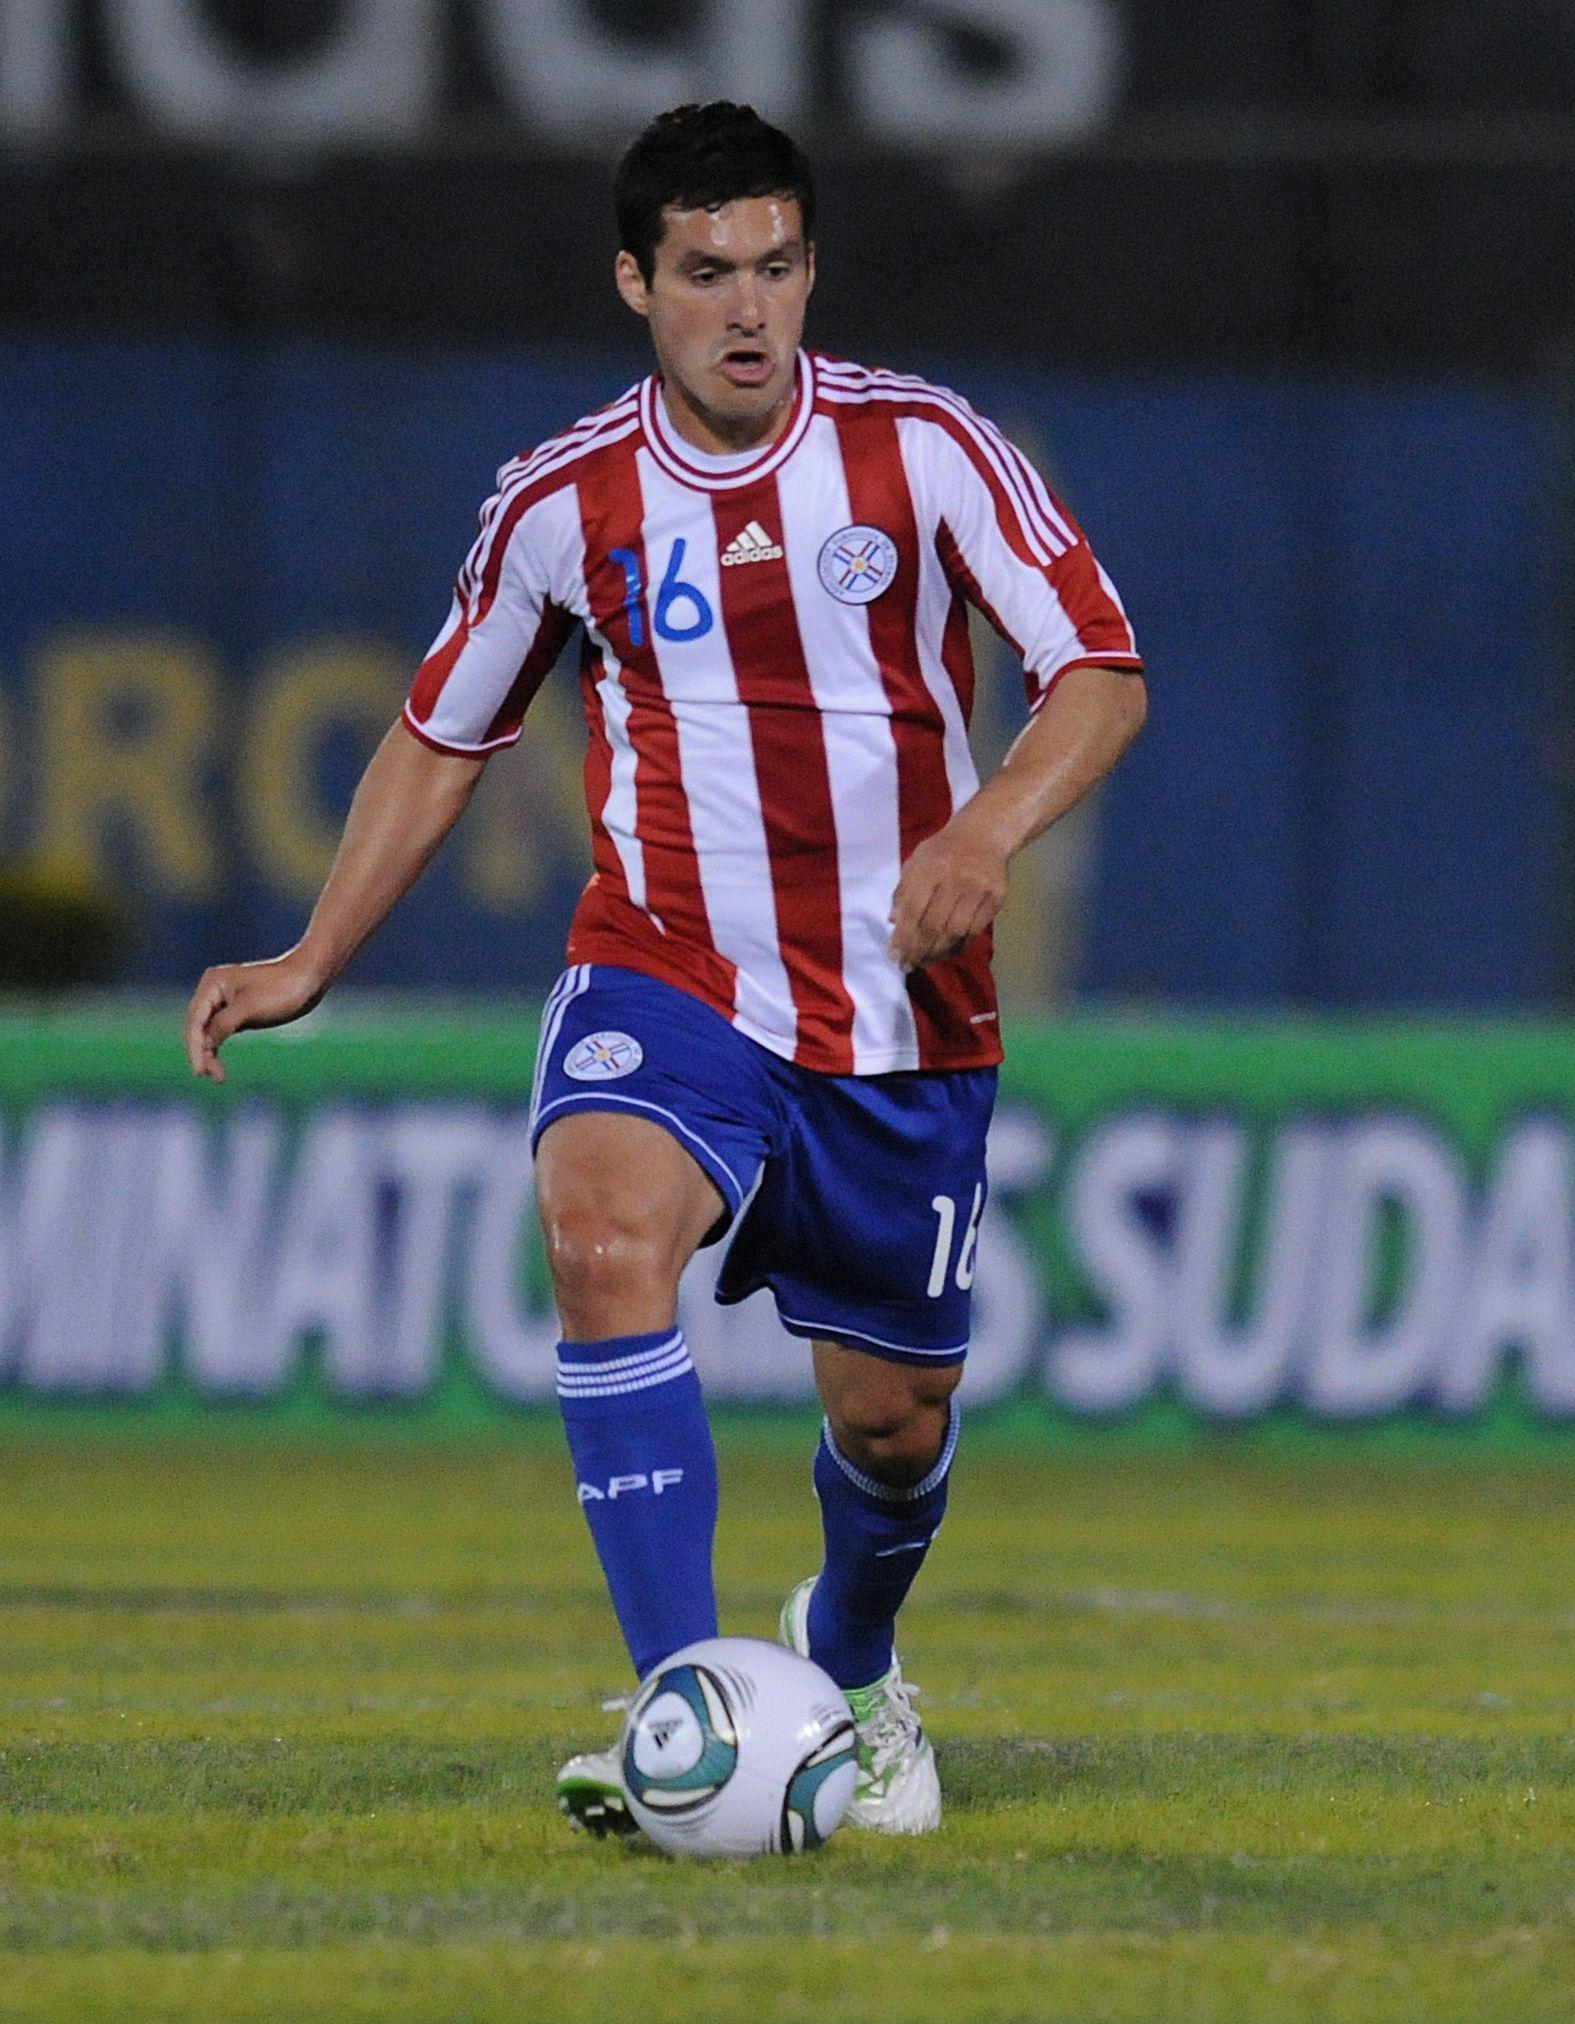 El volante de la Selección Paraguaya jugará en Olimpia. Foto: Última Hora.